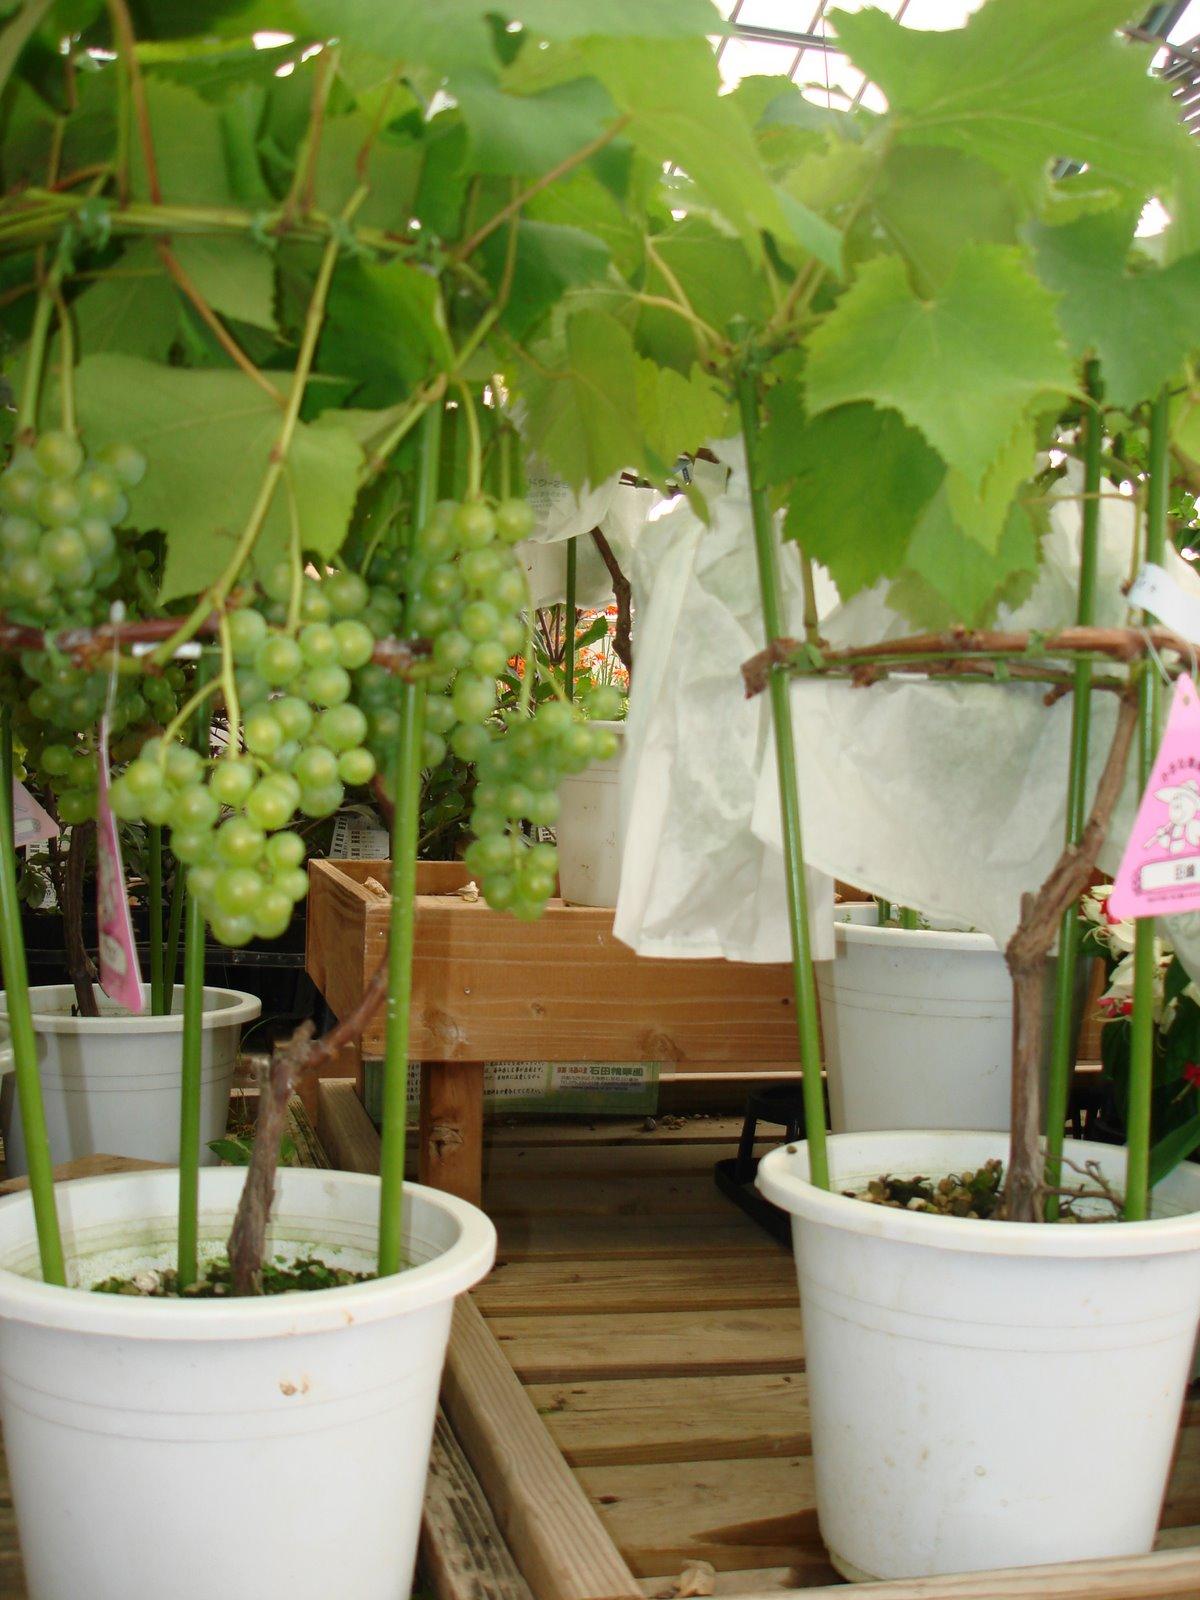 ... anggur bisa dibentuk sedimikian rupa sehingga tampak cantik dan unik